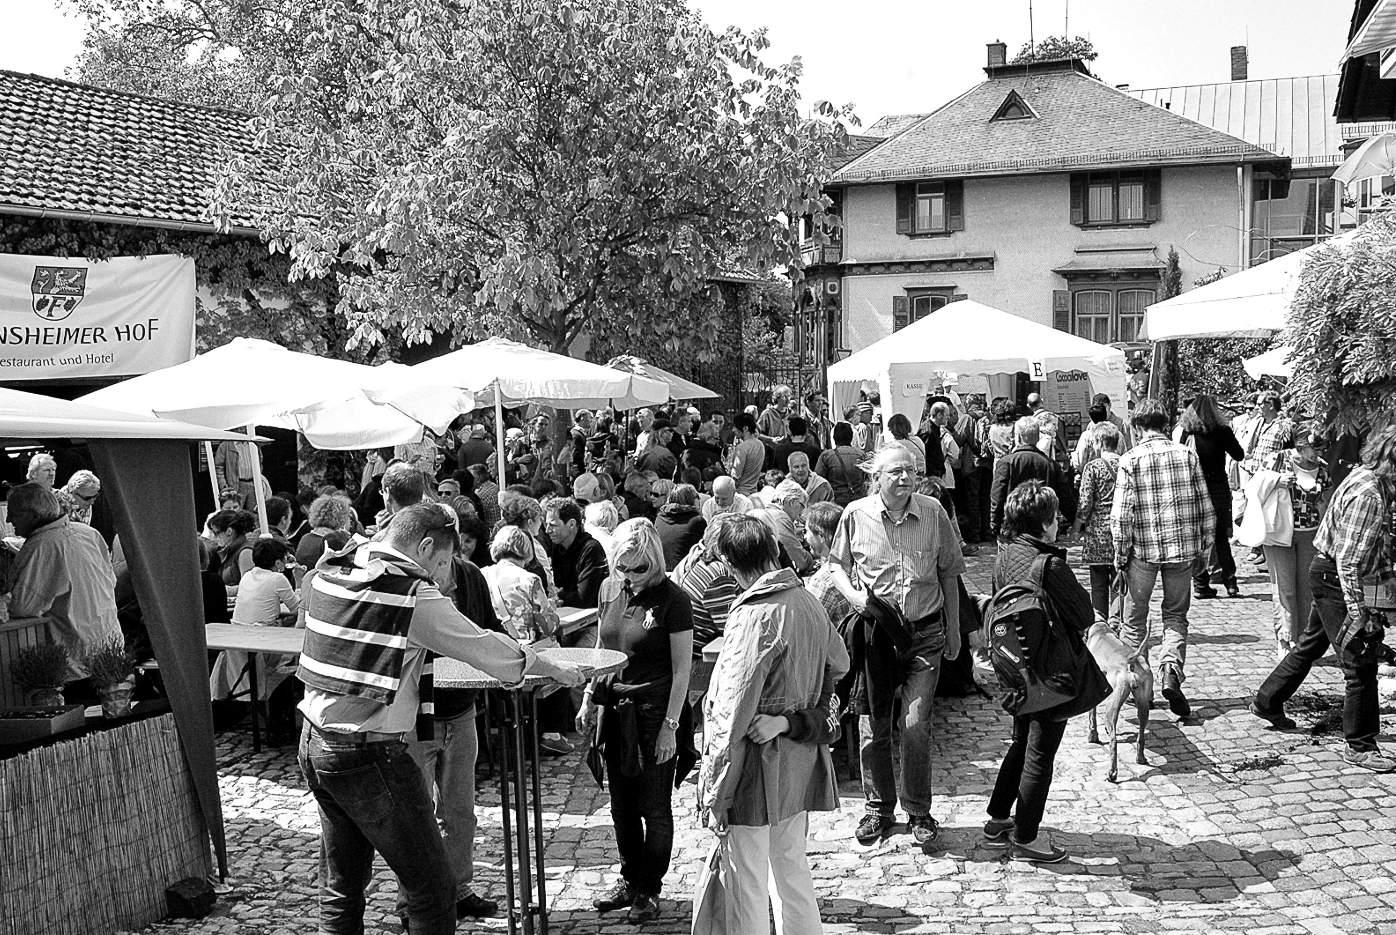 Das Oliandi-Olivenoelfest findet im und rund um das Weingut Wick in Zell im Zellertal statt